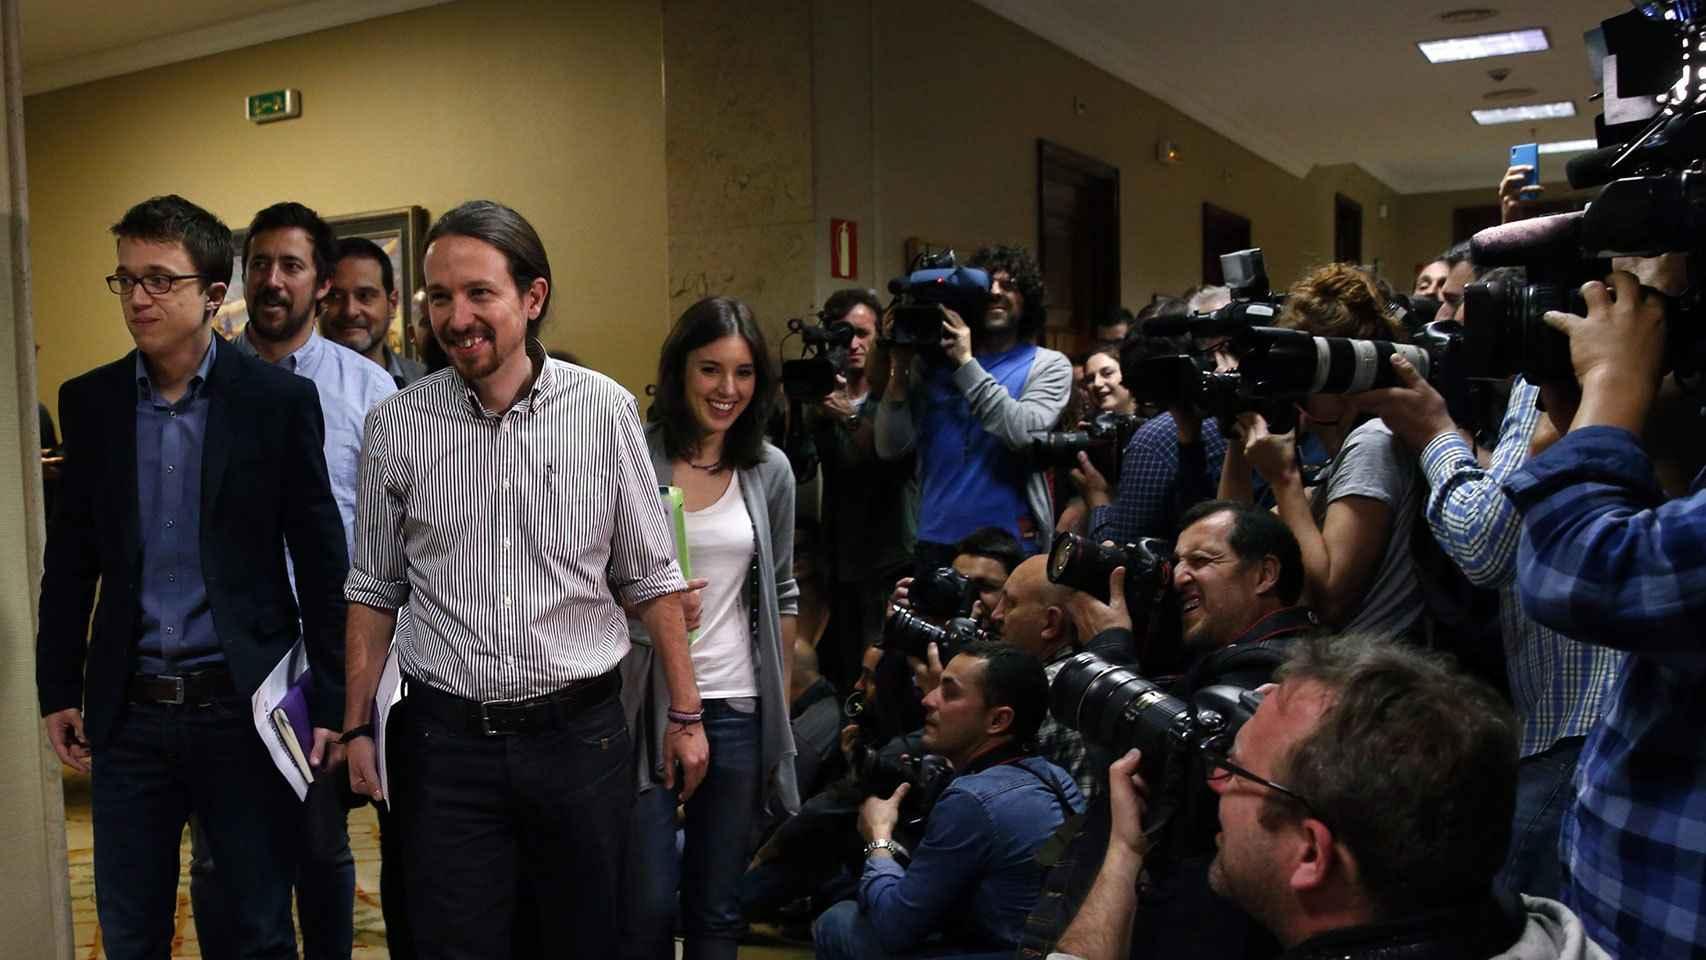 Los representantes de Podemos llegan a la reunión a tres.